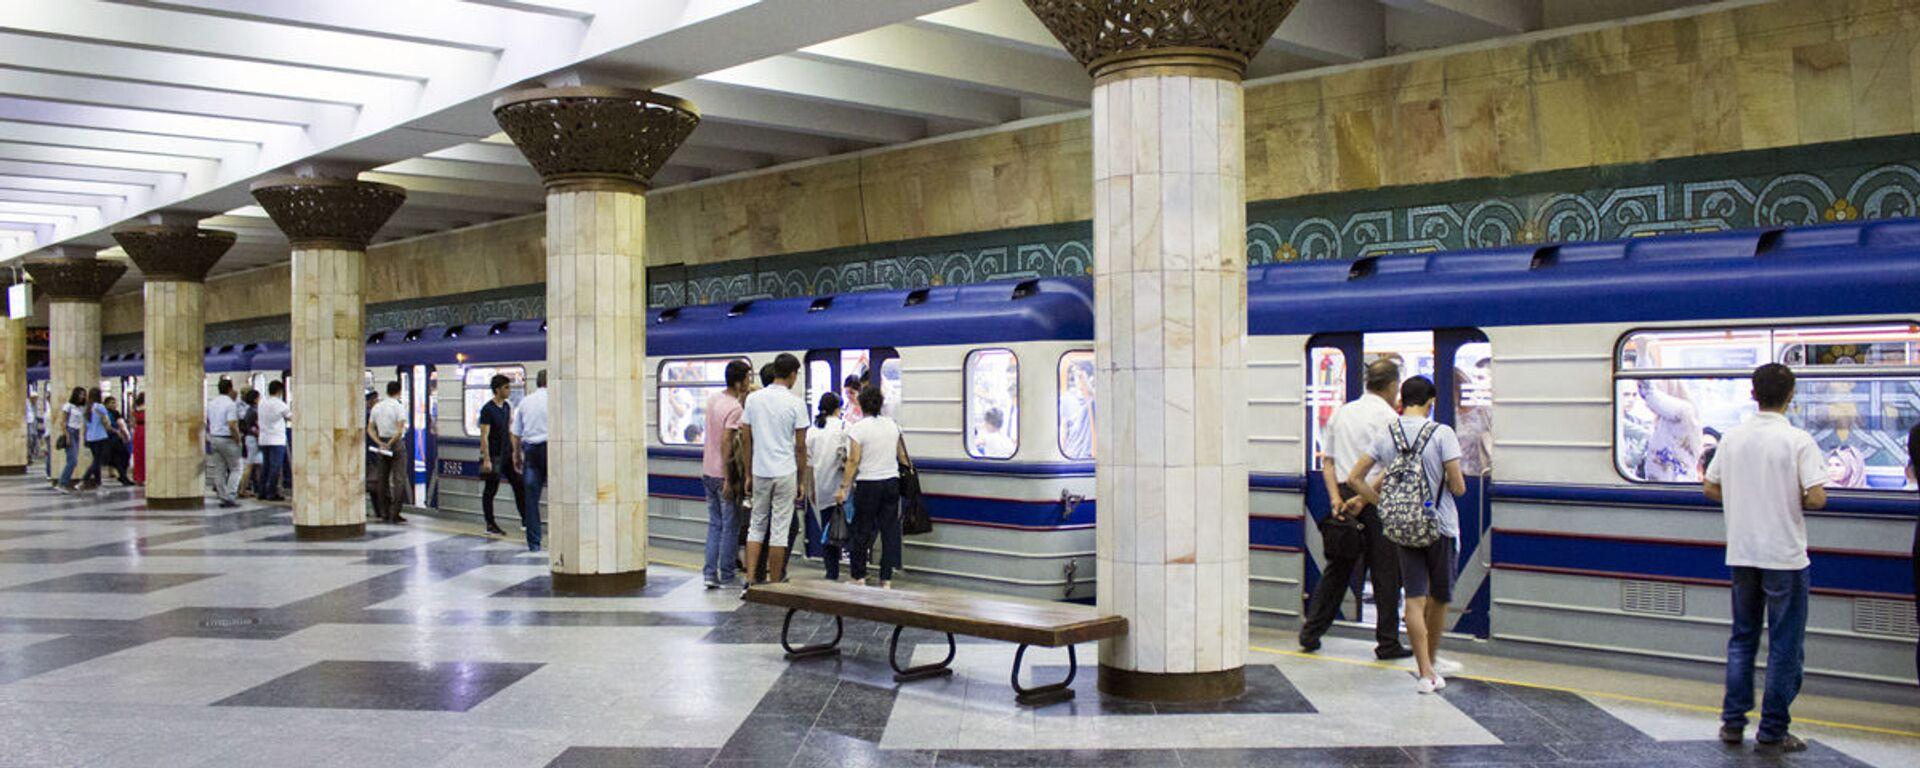 Станция Пахтакор - Sputnik Узбекистан, 1920, 14.09.2021